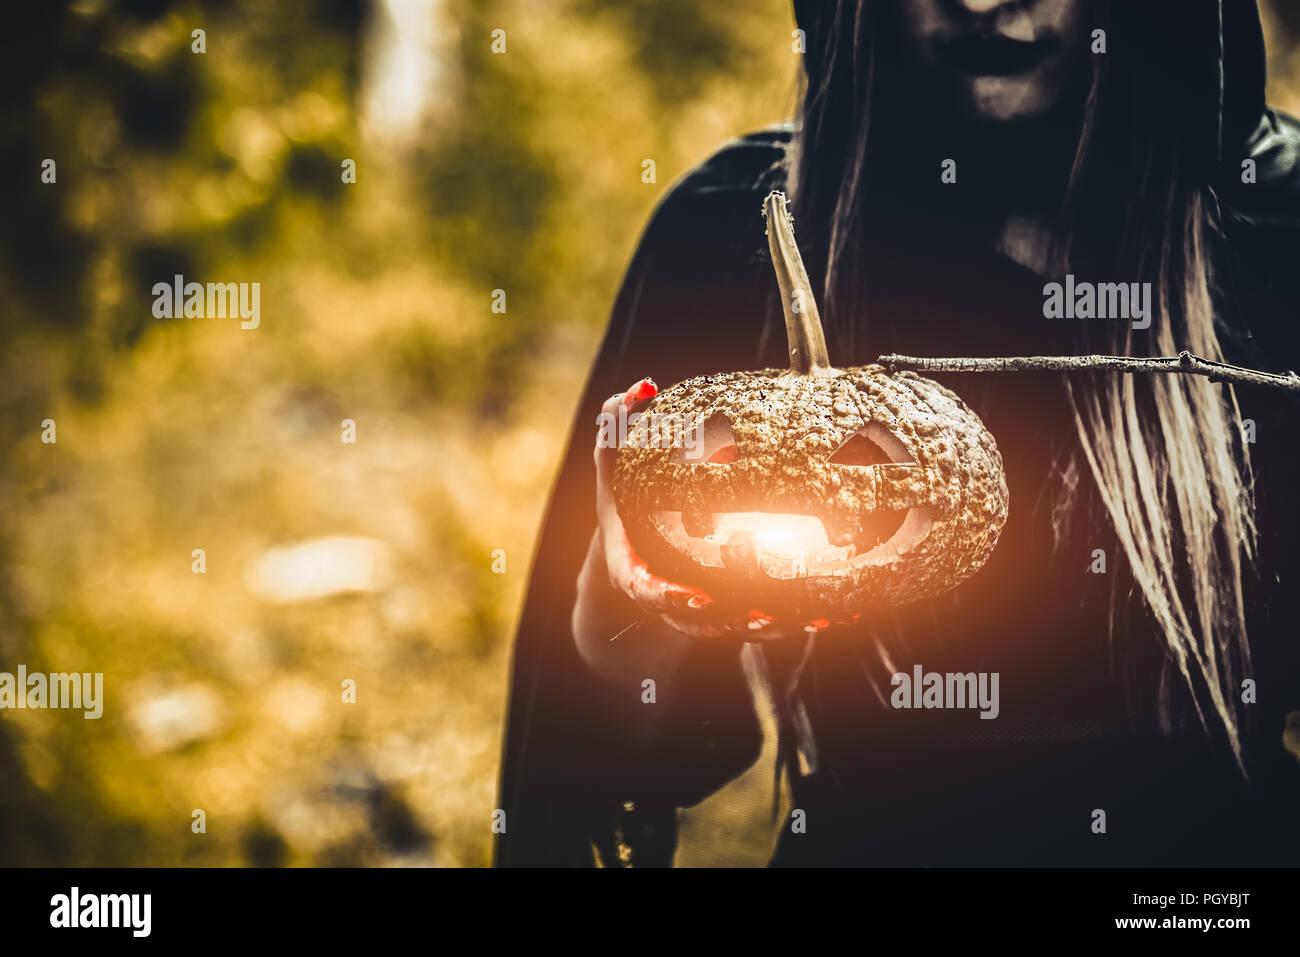 Lanterne citrouille sorcière dans la main. Old woman holding pumpkin en forêt vert foncé. Journée de l'Halloween et le mystère concept. Fantasy de magie thème. L'assistant et M Photo Stock